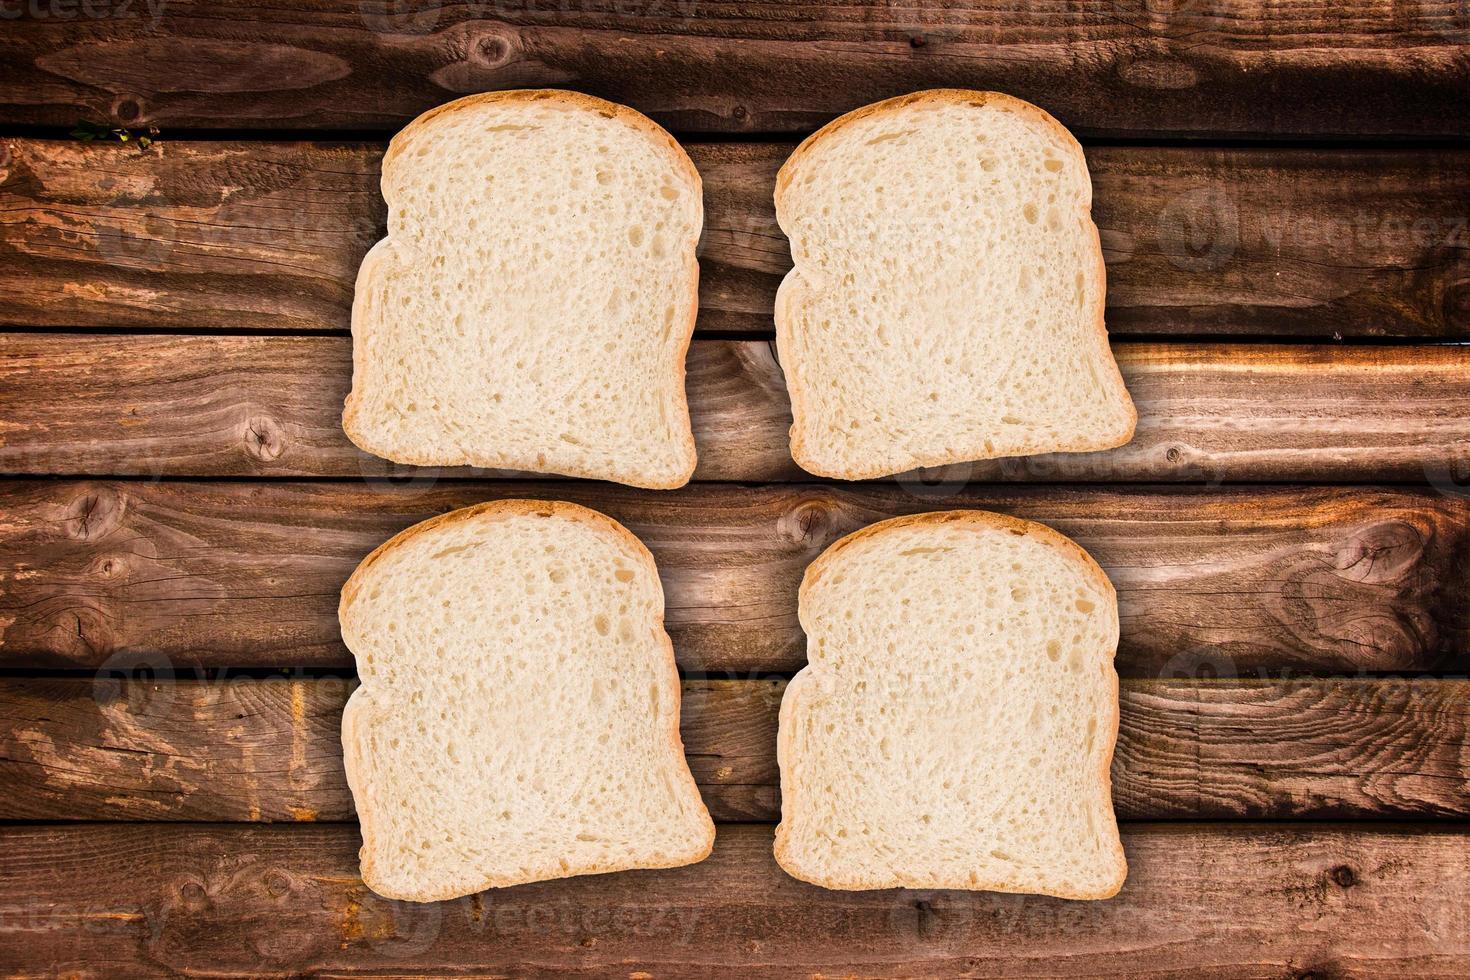 Quatre tranches de pain, sur fond de planches de bois photo